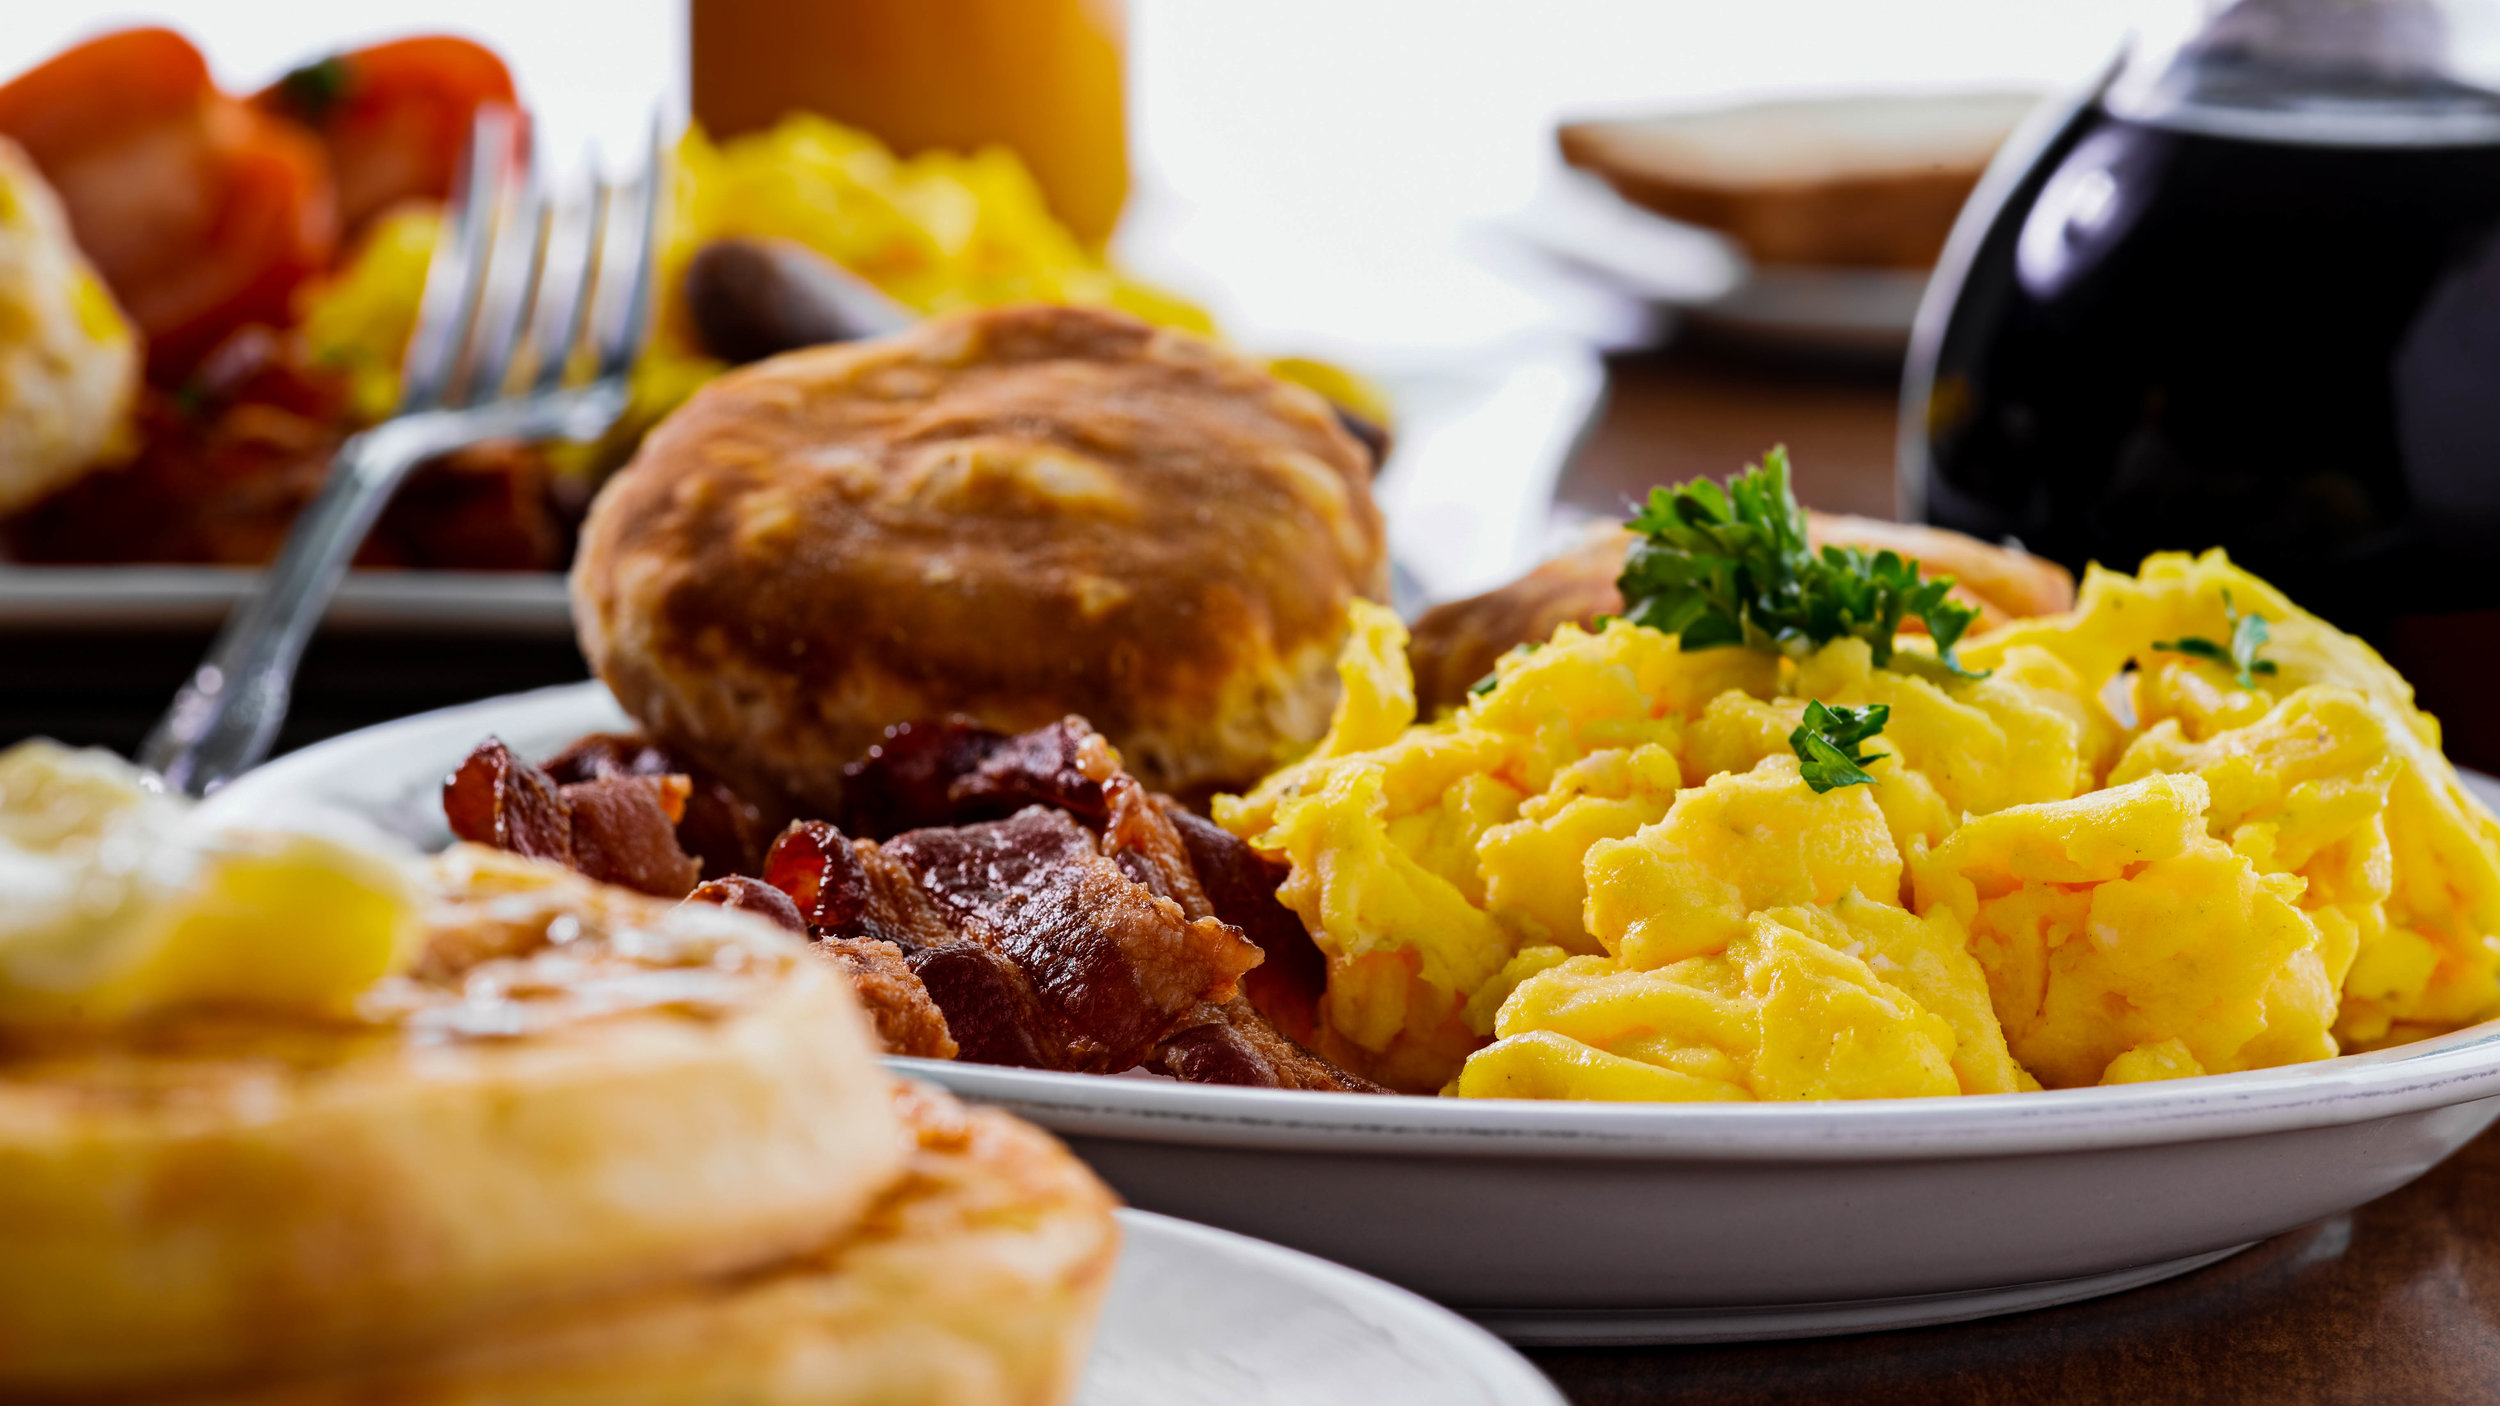 breakfast-alr-c169-1.jpg